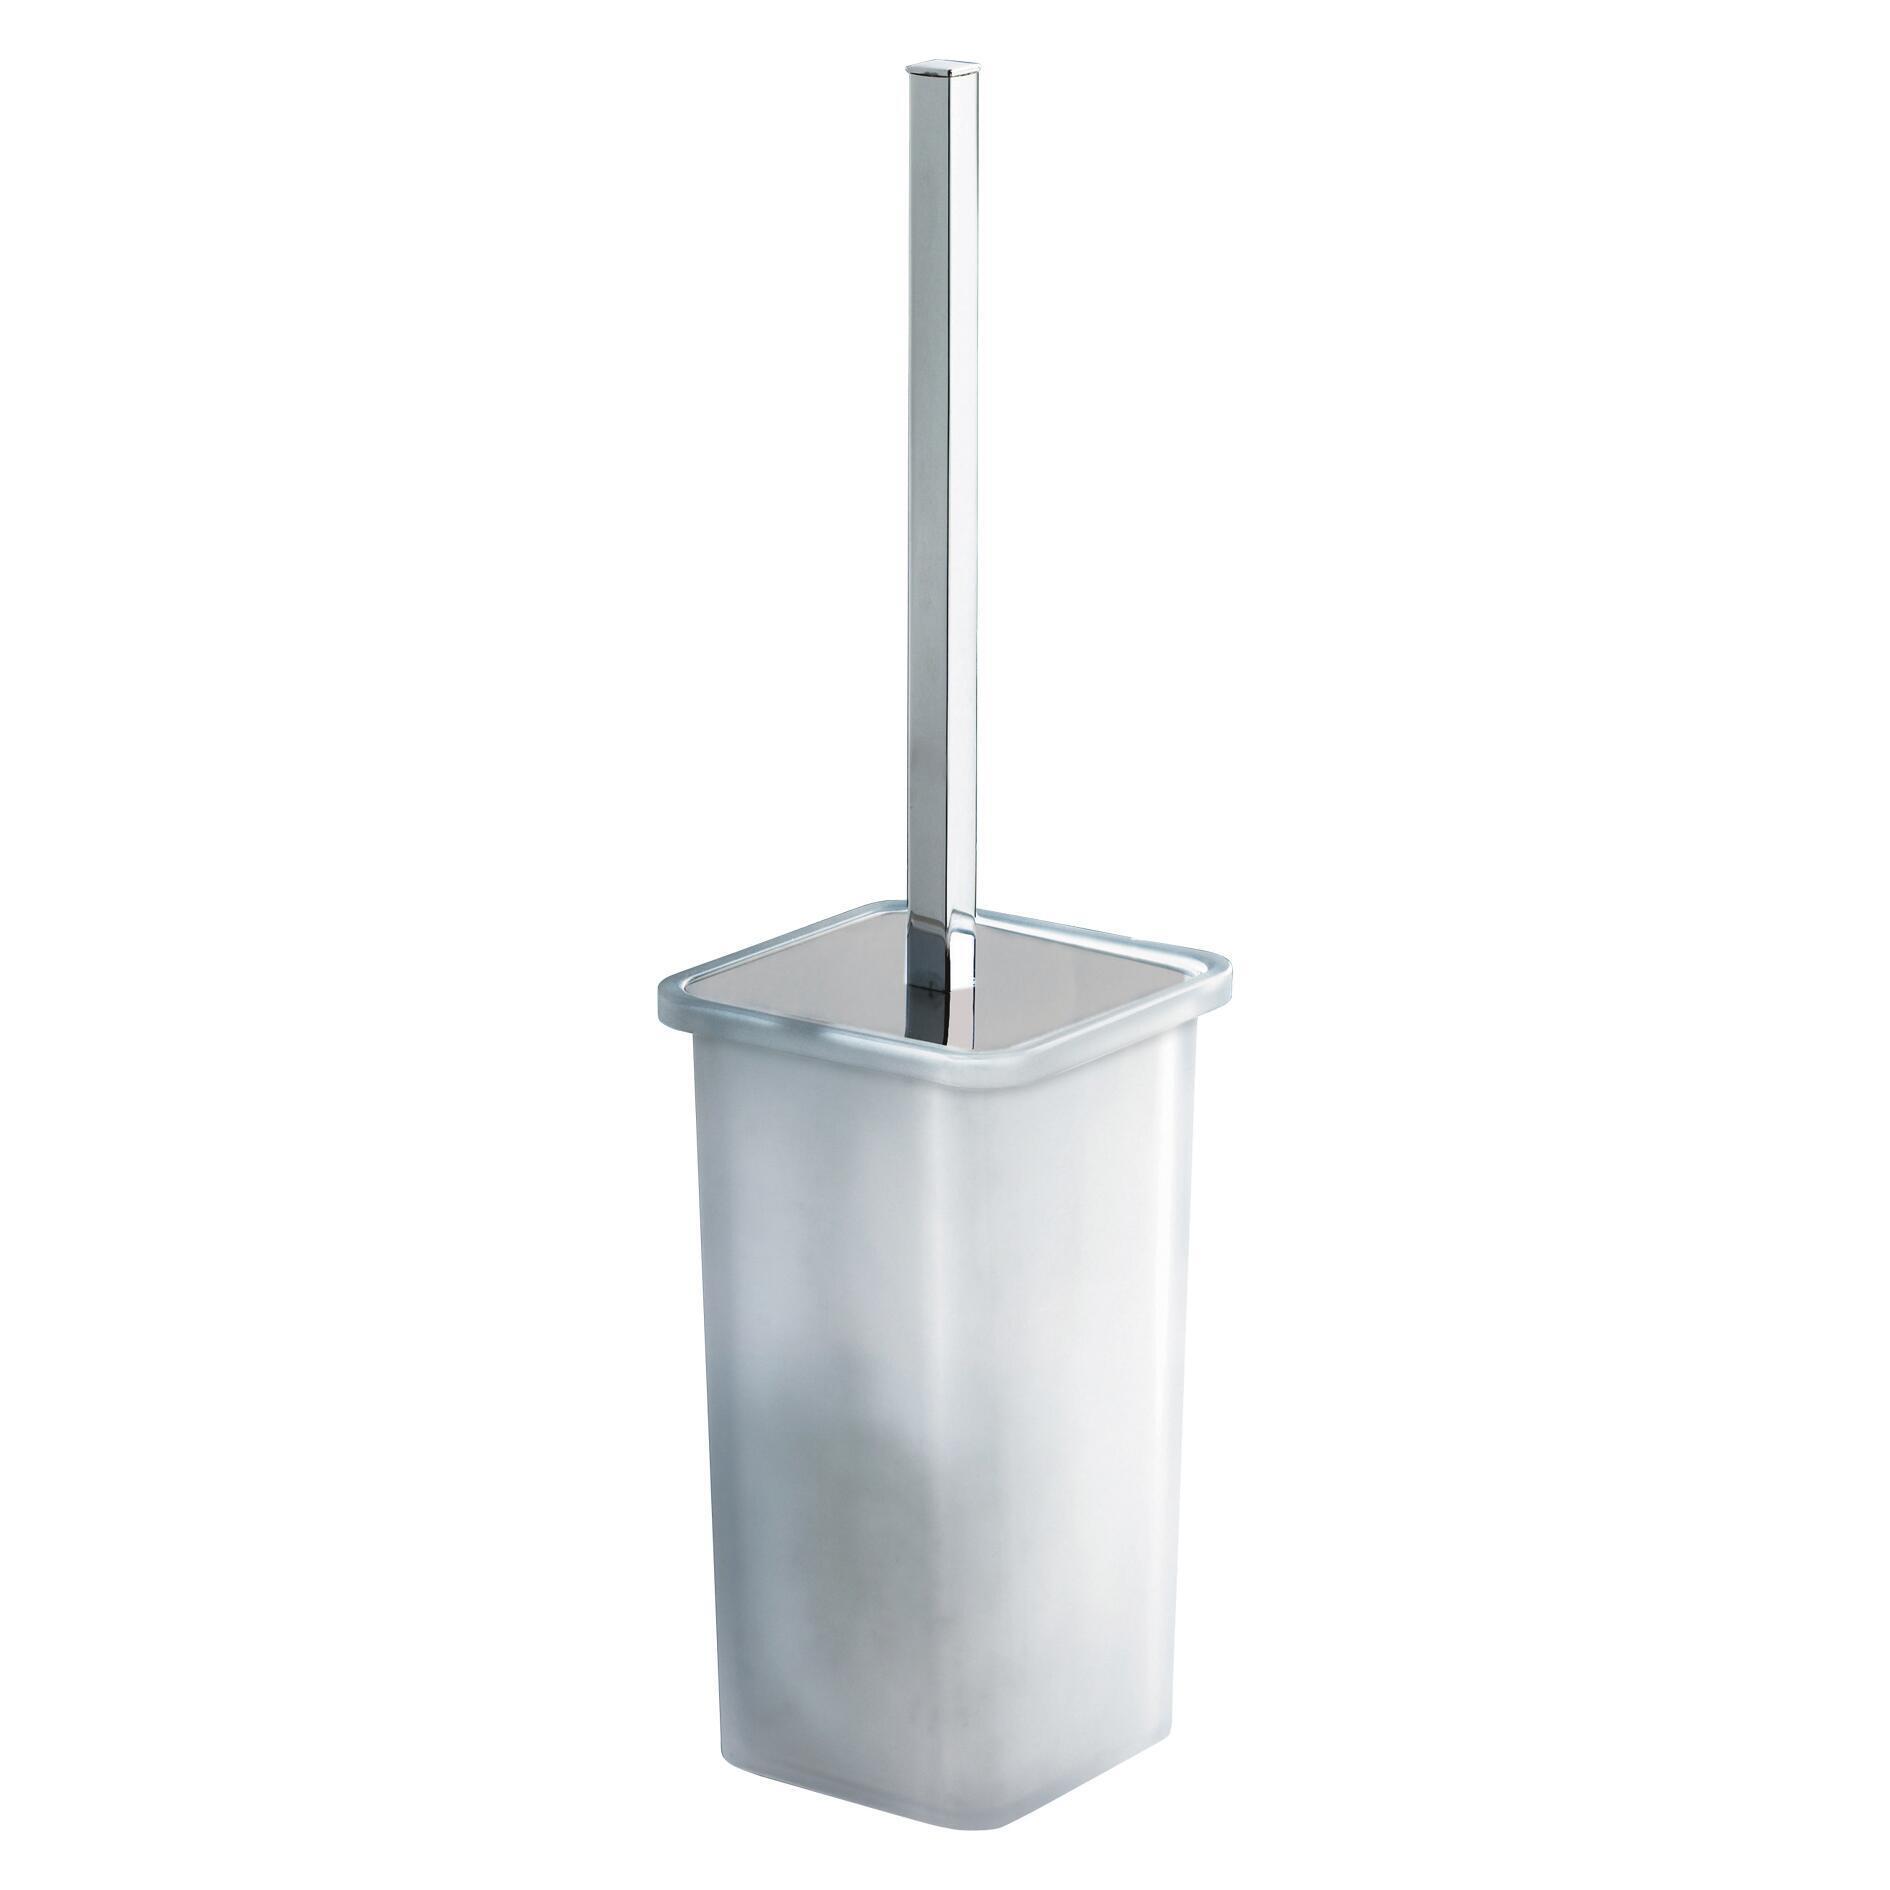 Porta scopino wc a muro Glamur in vetro grigio